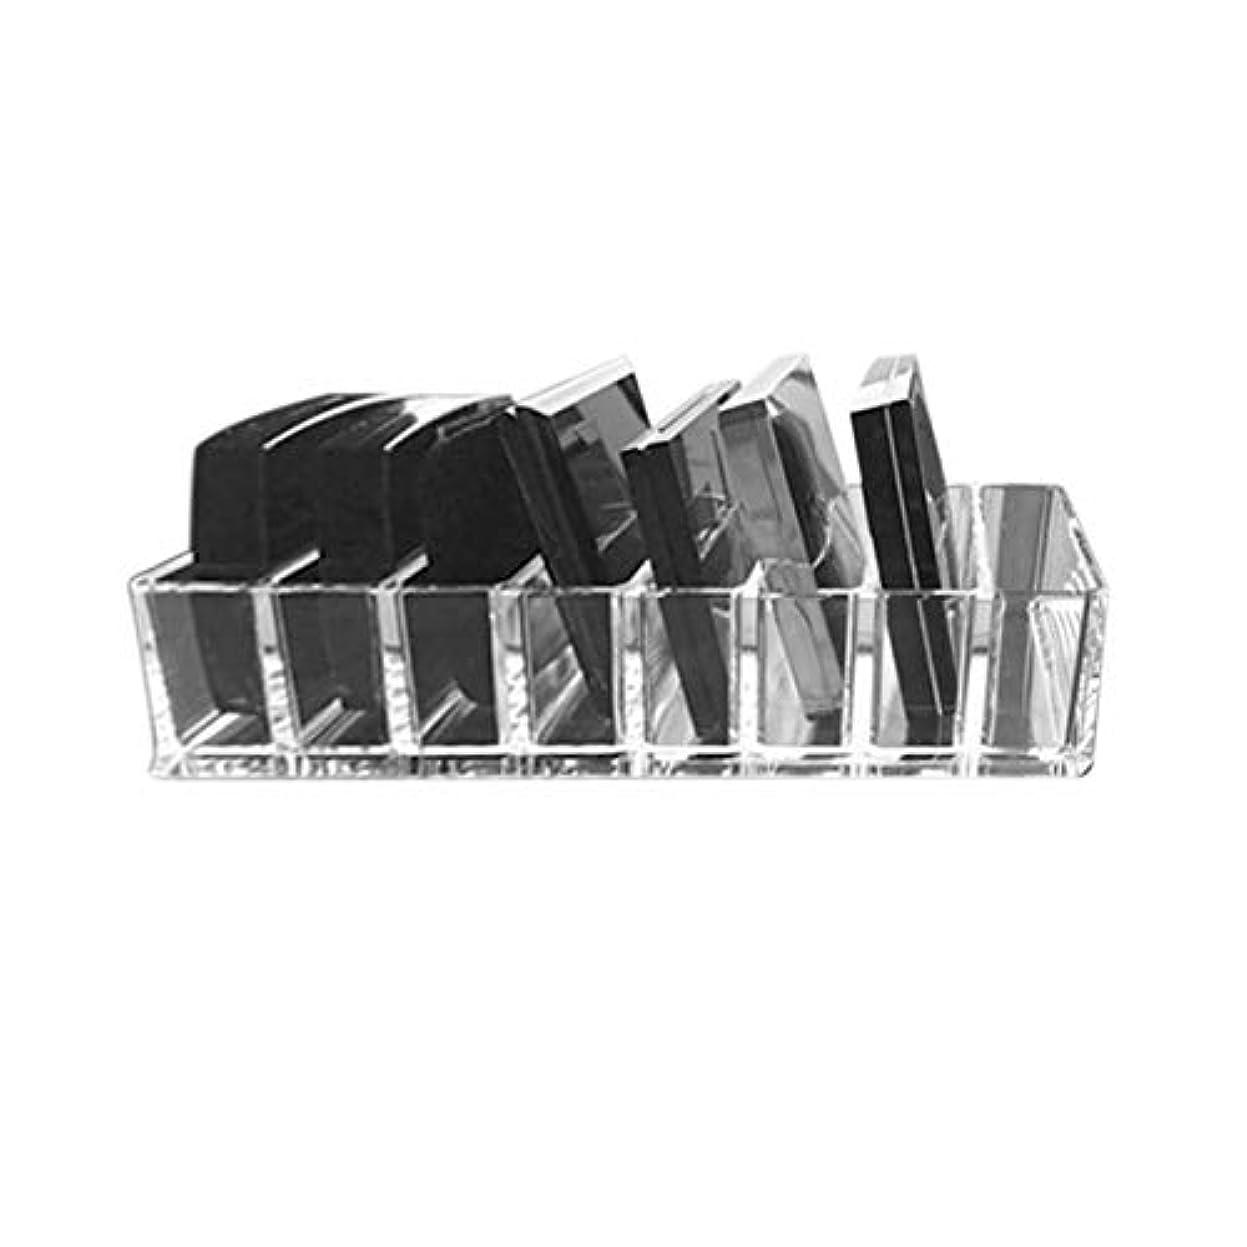 マーキー首謀者九Saikogoods 実用的な透明アクリルメイクアレンジストレージボックスリップスティックホルダー透明なマルチスロットデスクトップ化粧品オーガナイザー トランスペアレント